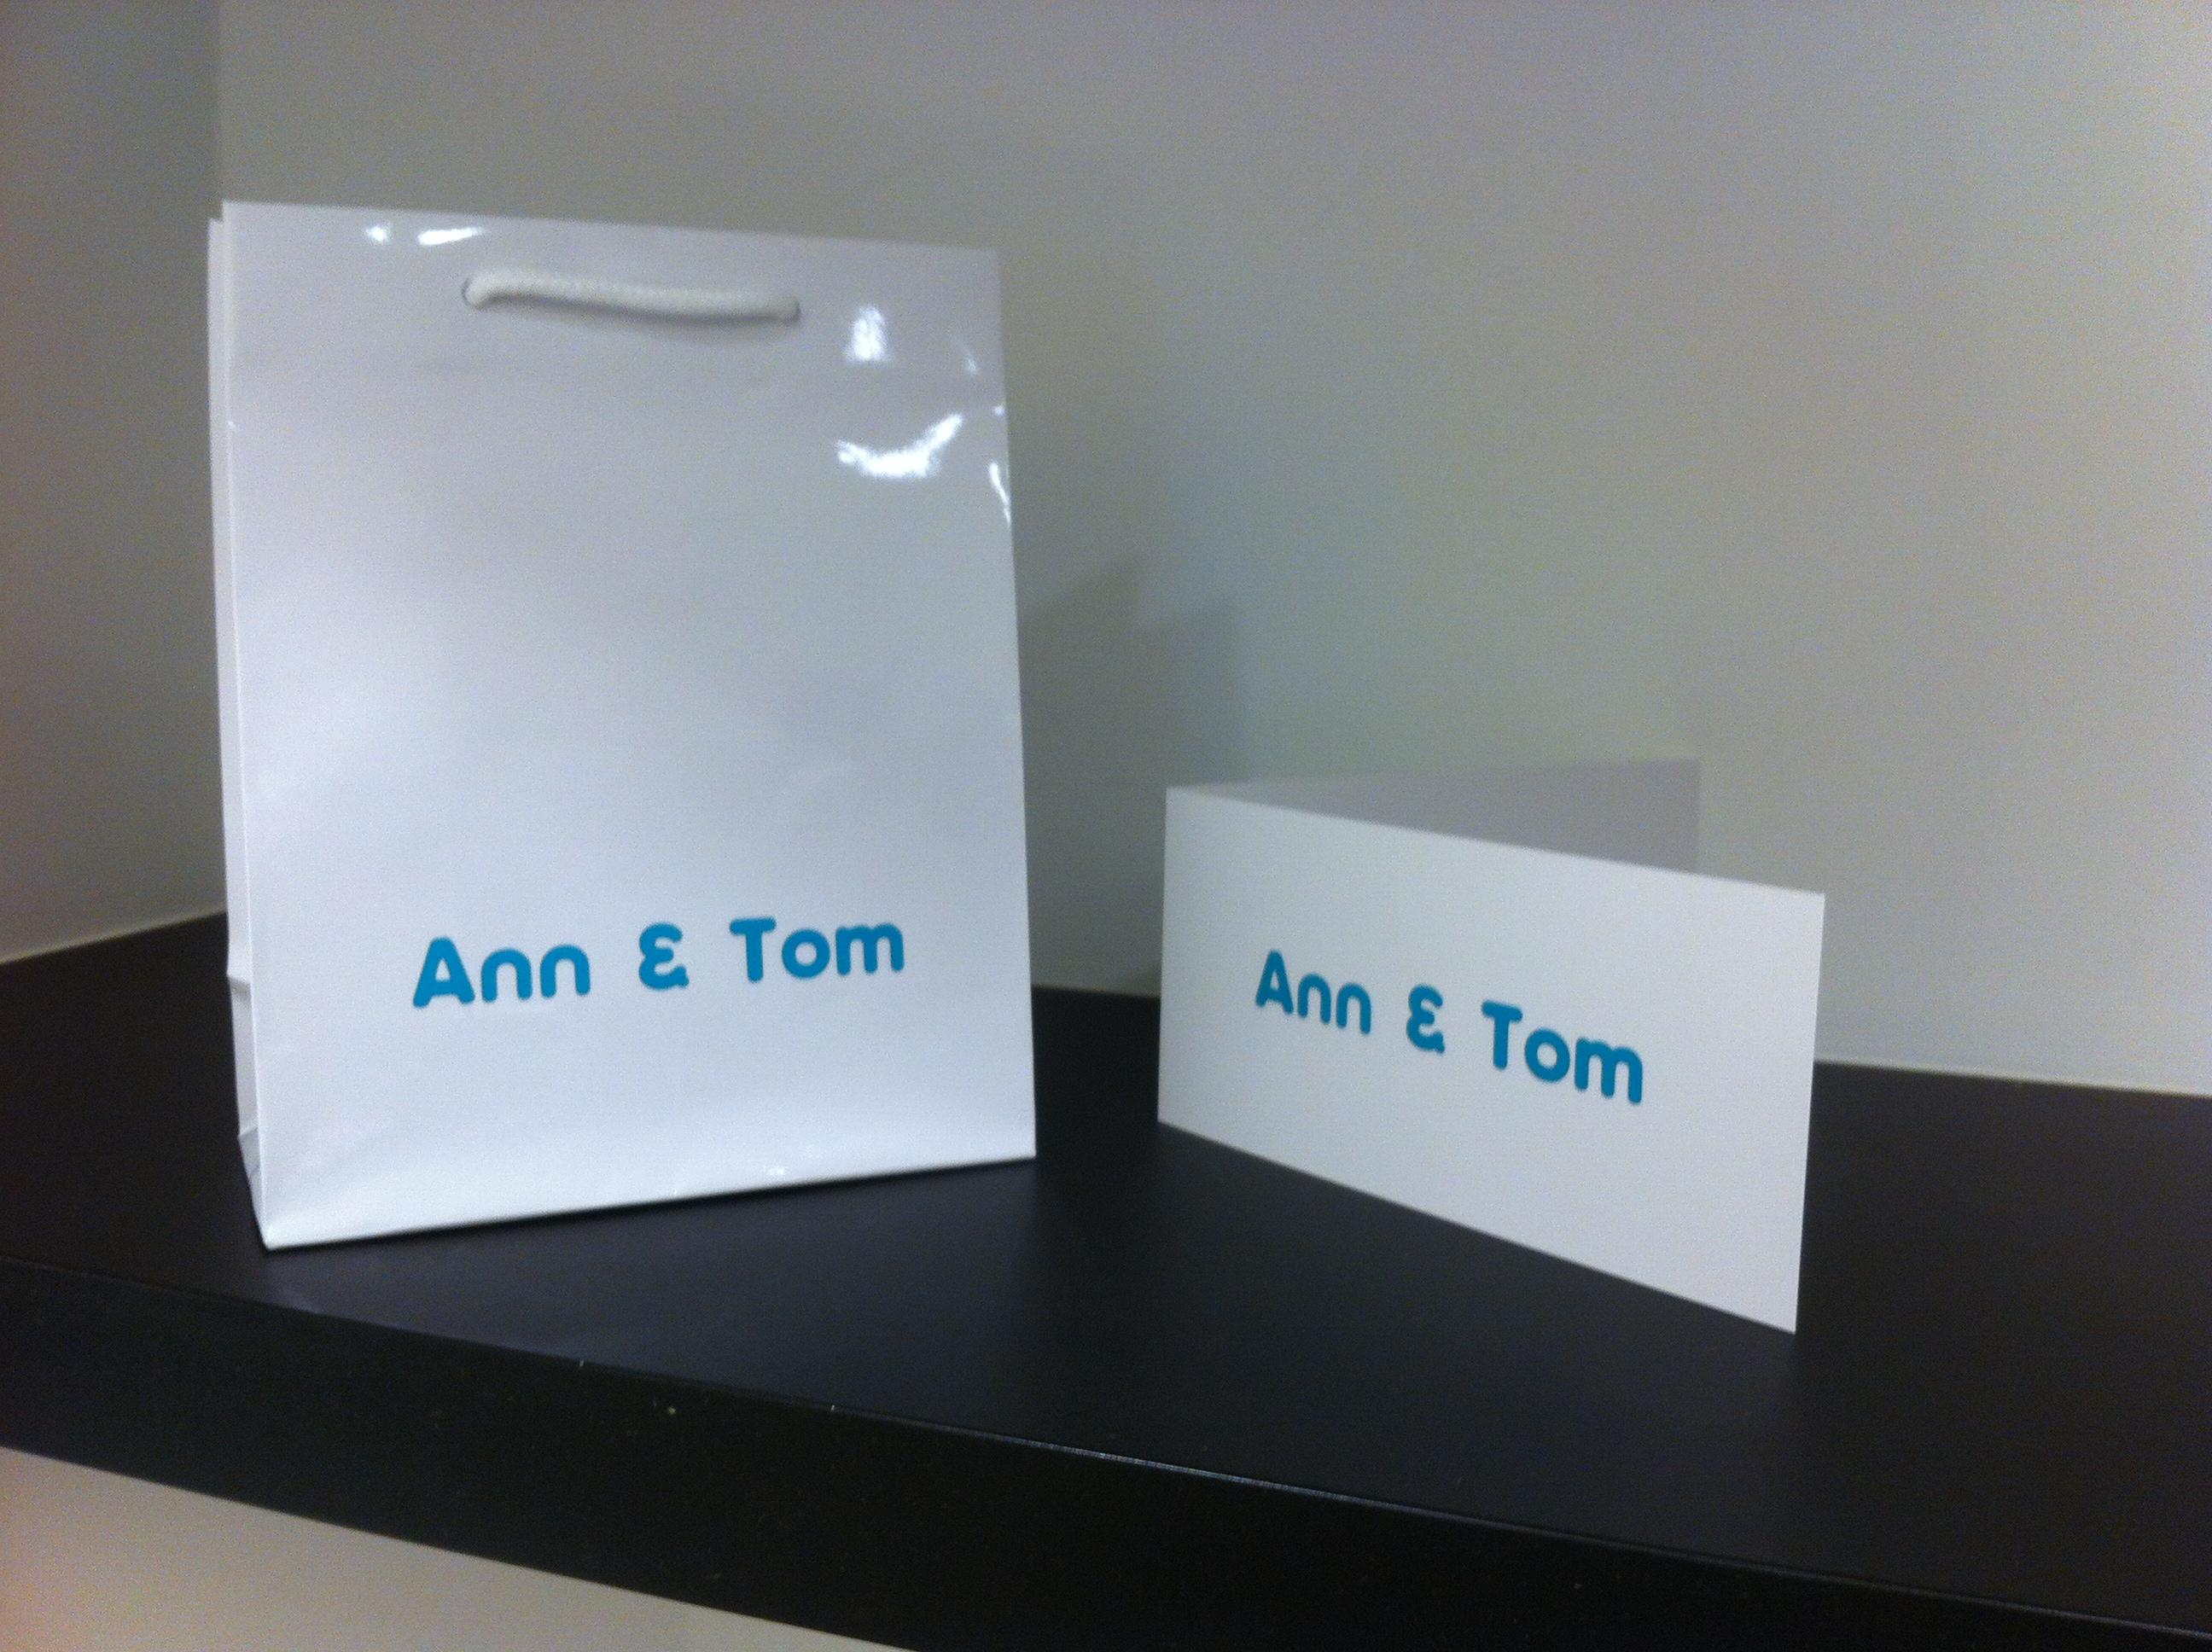 Ann & Tom